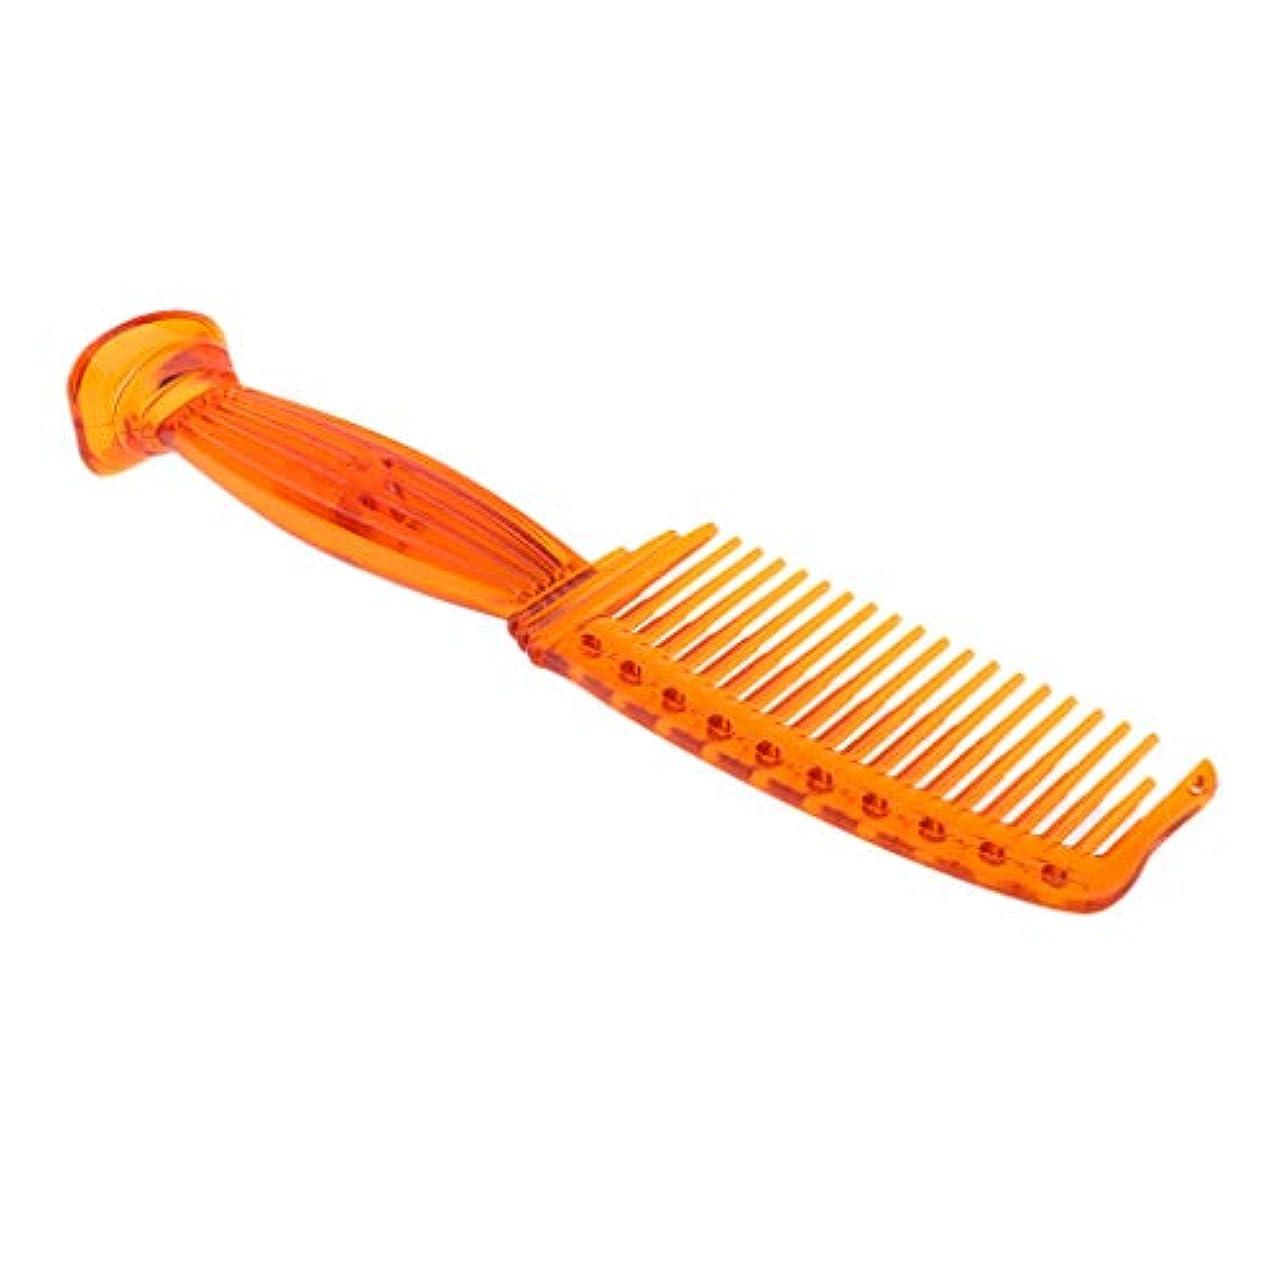 巨人意図的エッセイSM SunniMix ヘアコーム ヘアブラシ ワイド歯 プラスチック プロ ヘアサロン 理髪師 全5色選べ - オレンジ